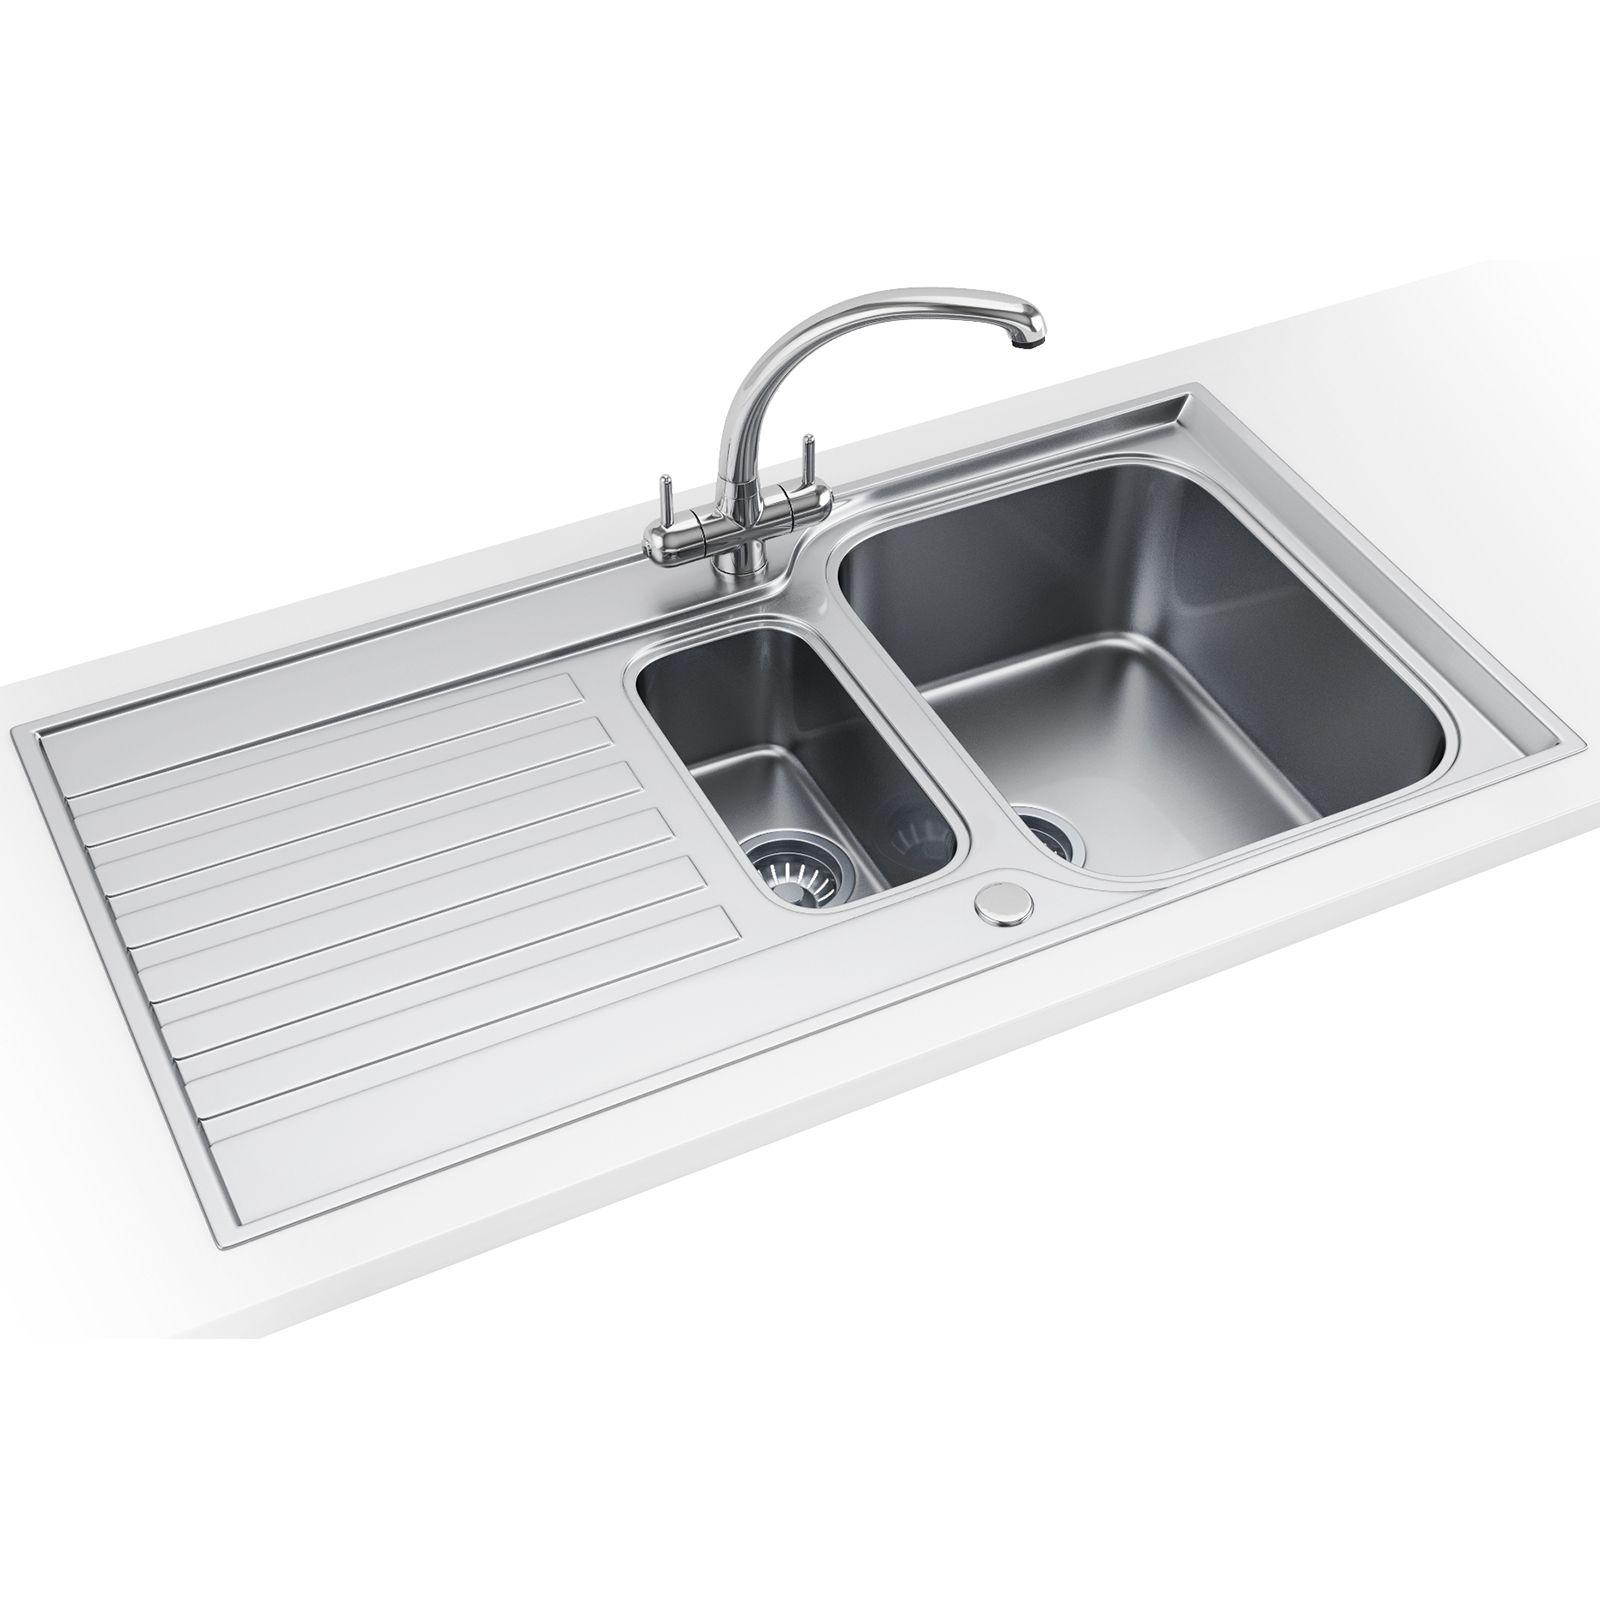 Etonnant Franke Ascona ASX 651 Stainless Steel 1.5 Bowl Inset Sink